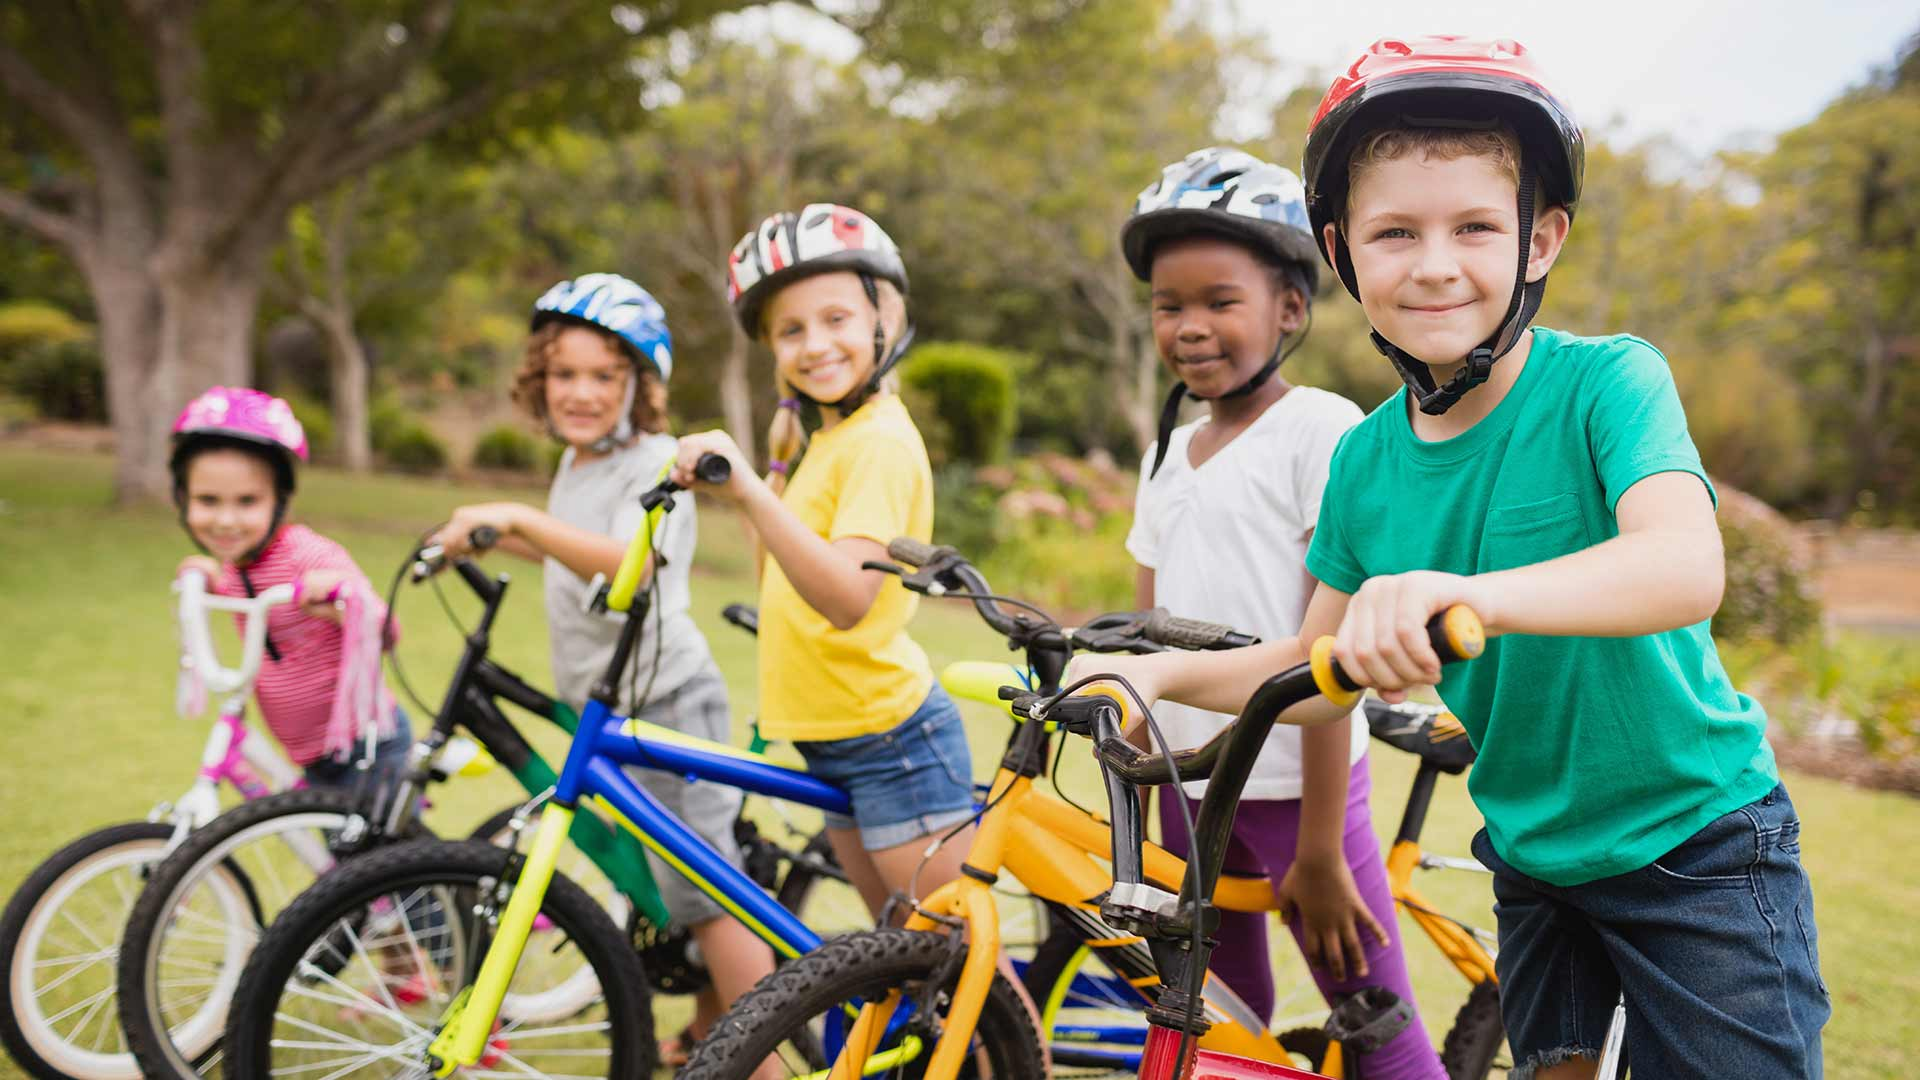 Vacanza in bicicletta con i bambini